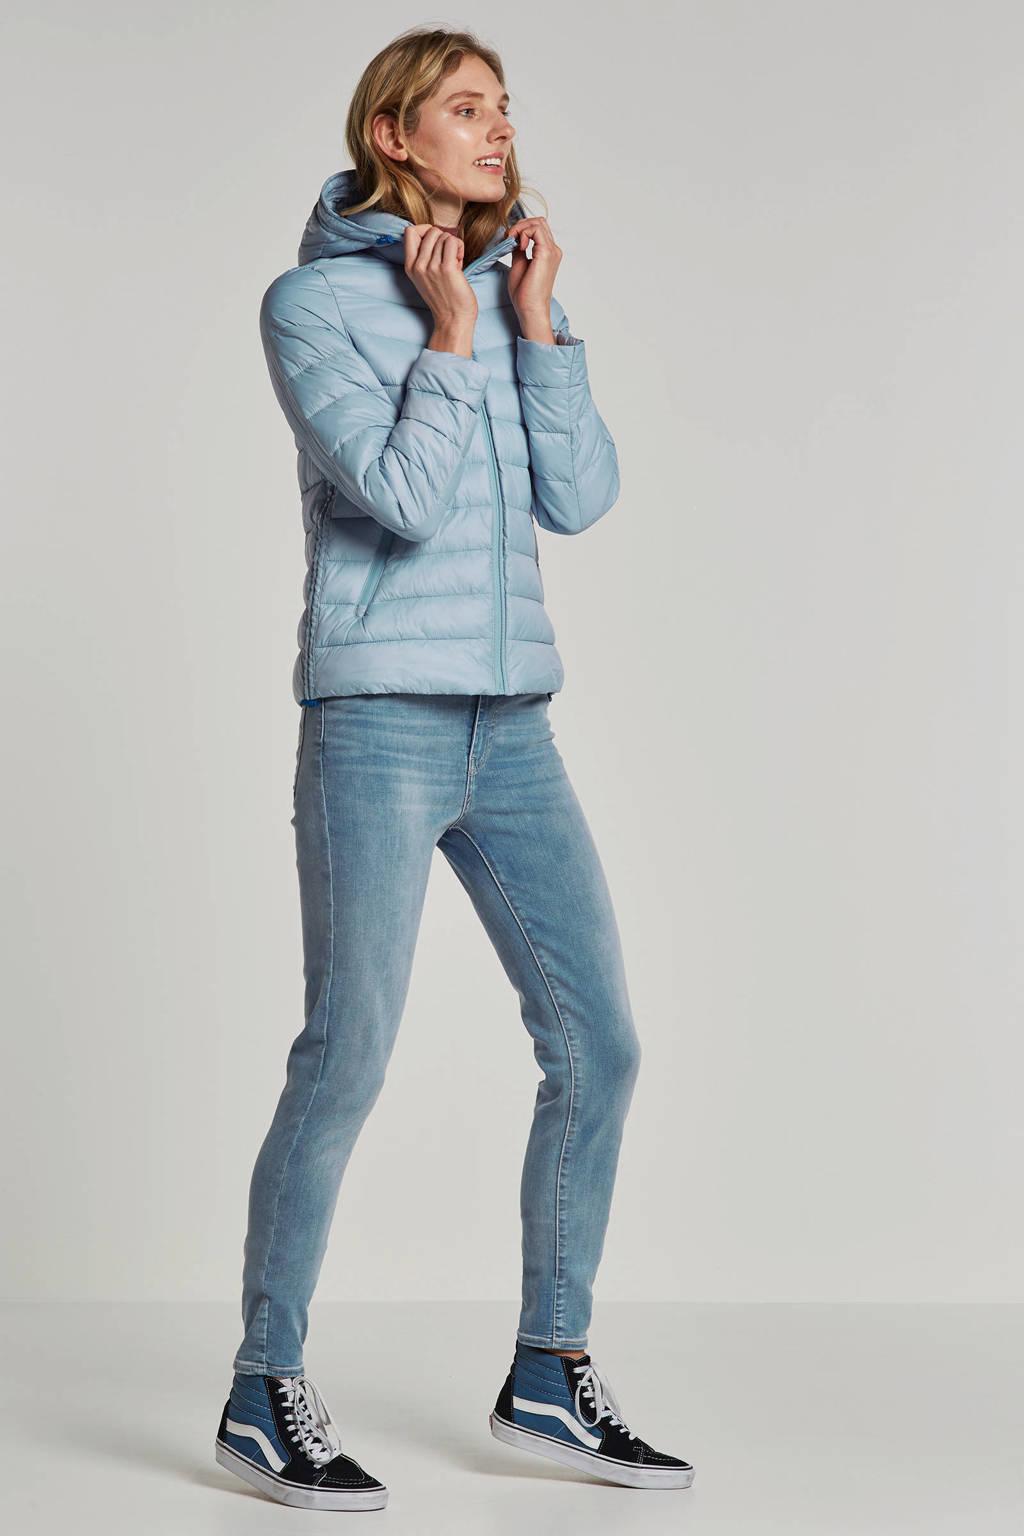 edc Women gewatteerde jas met capuchon, Lichtblauw